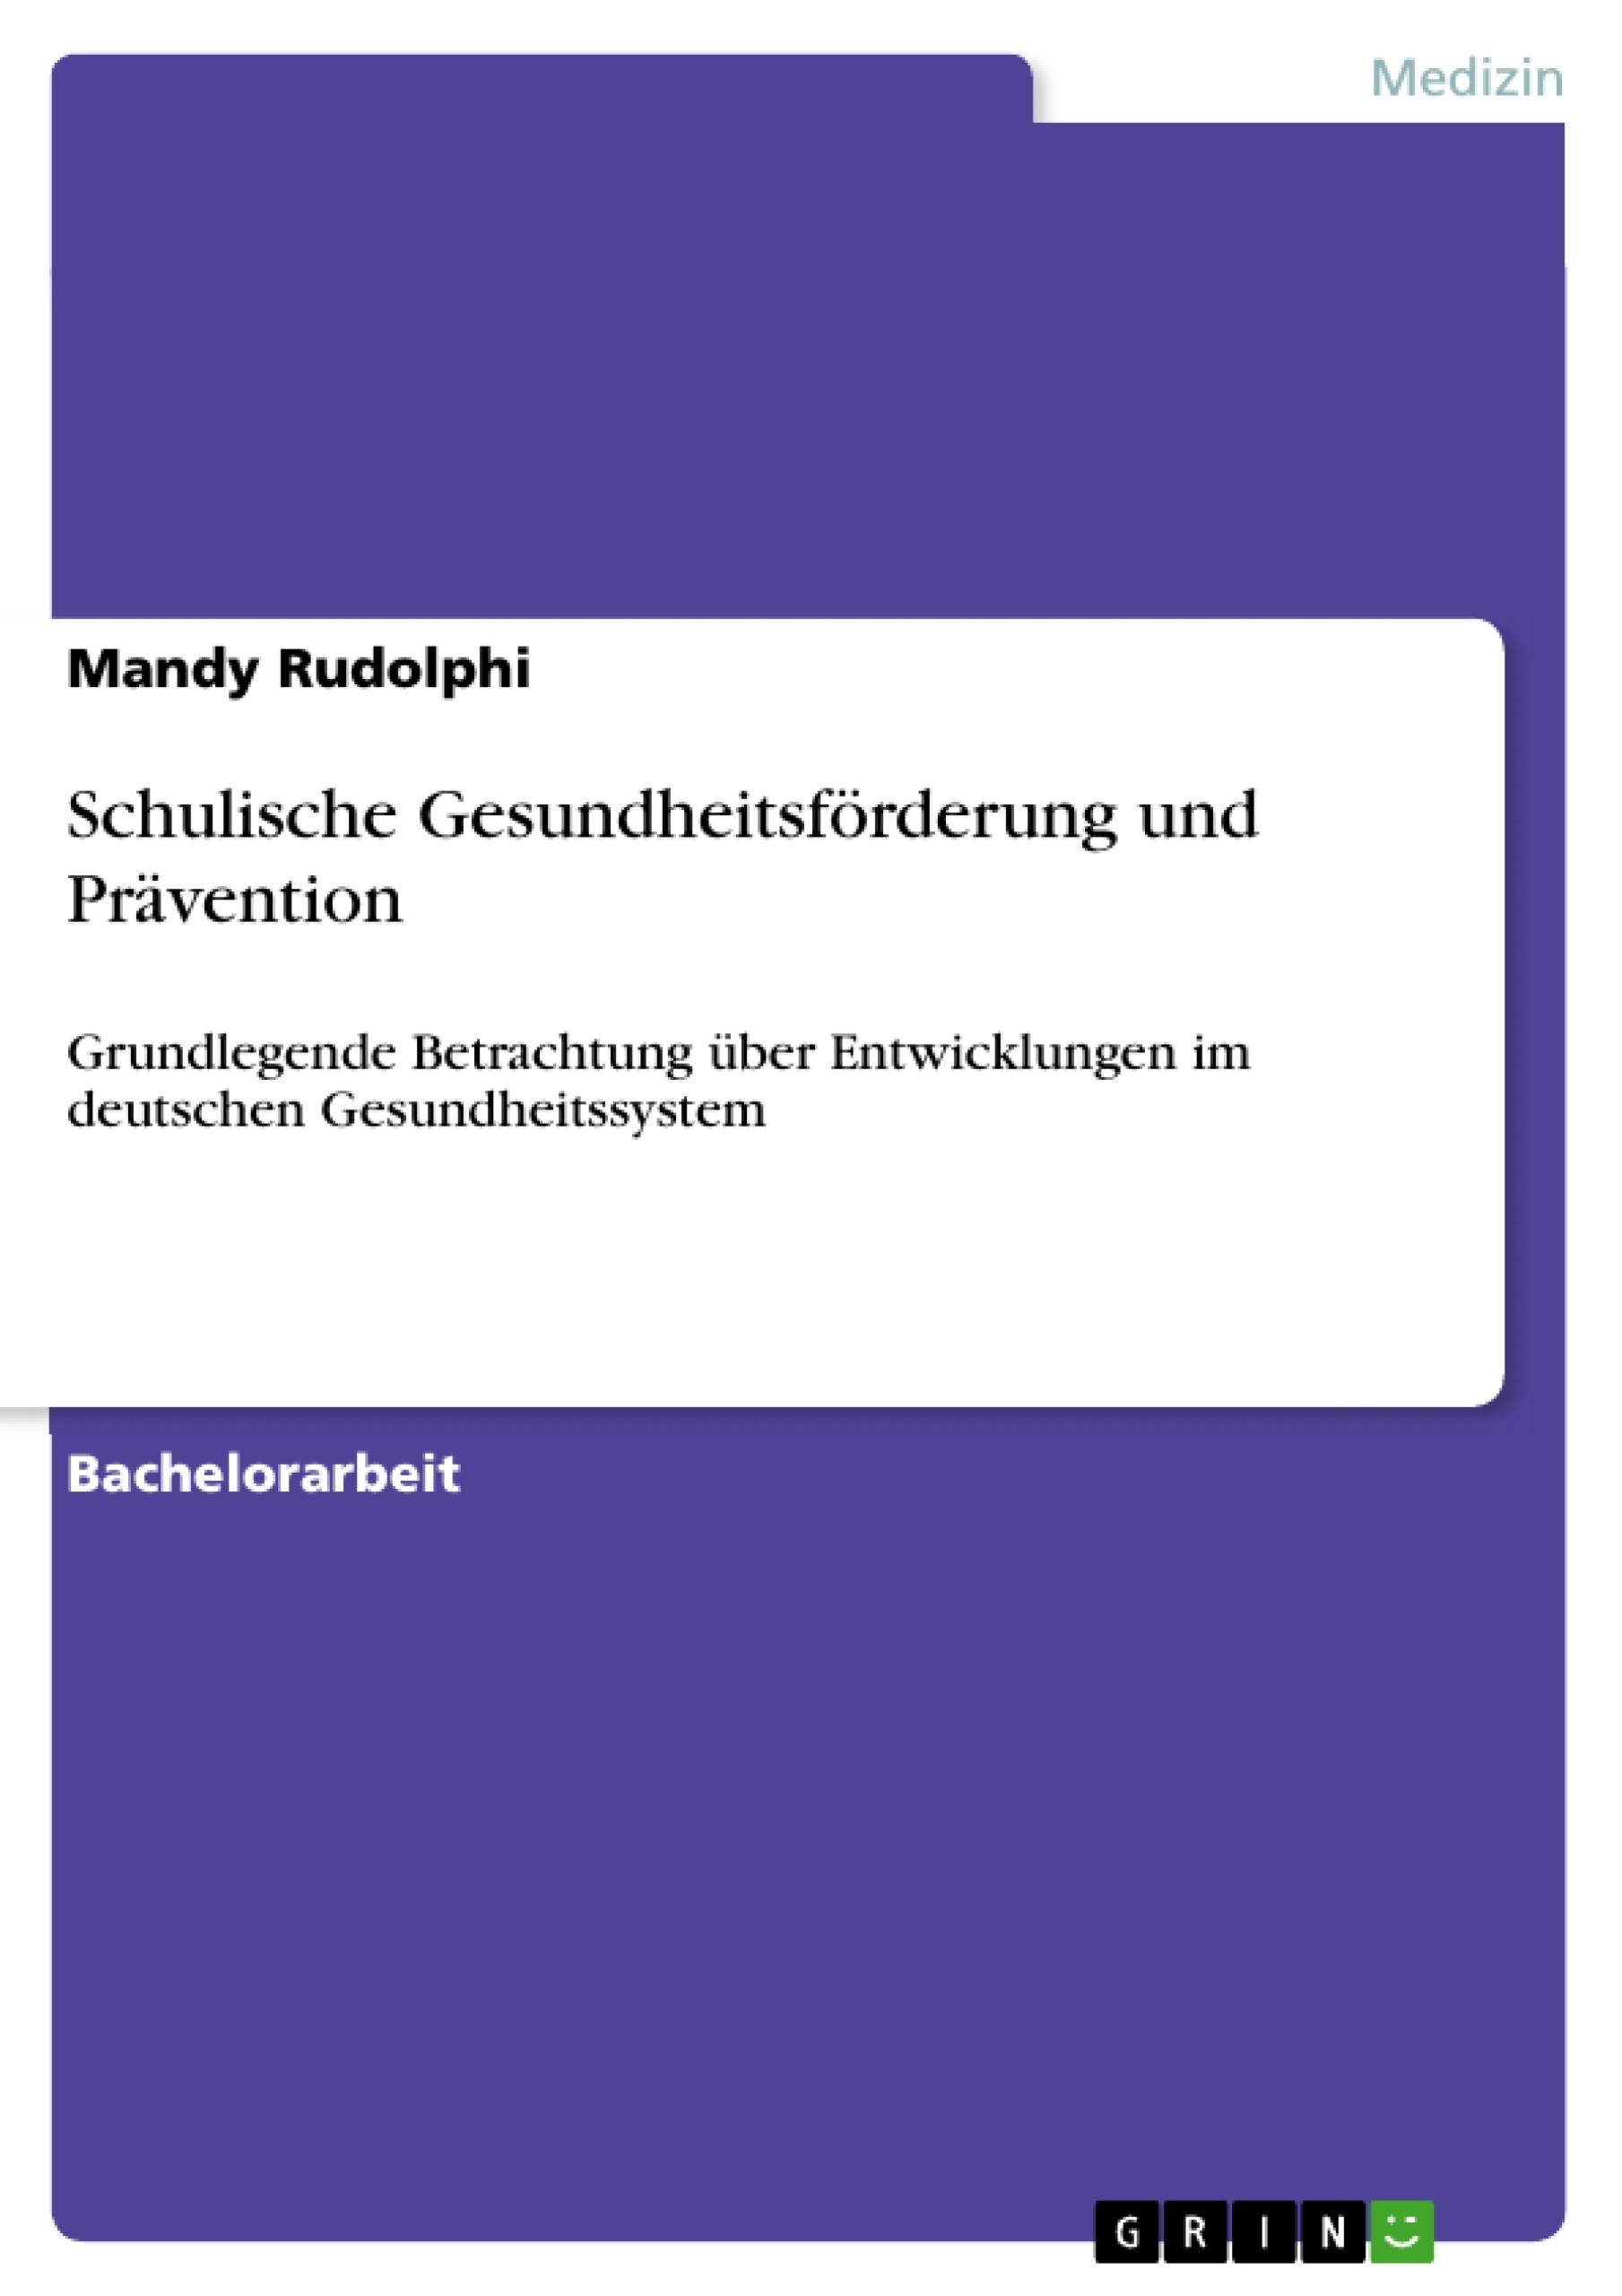 Titel: Schulische Gesundheitsförderung und Prävention